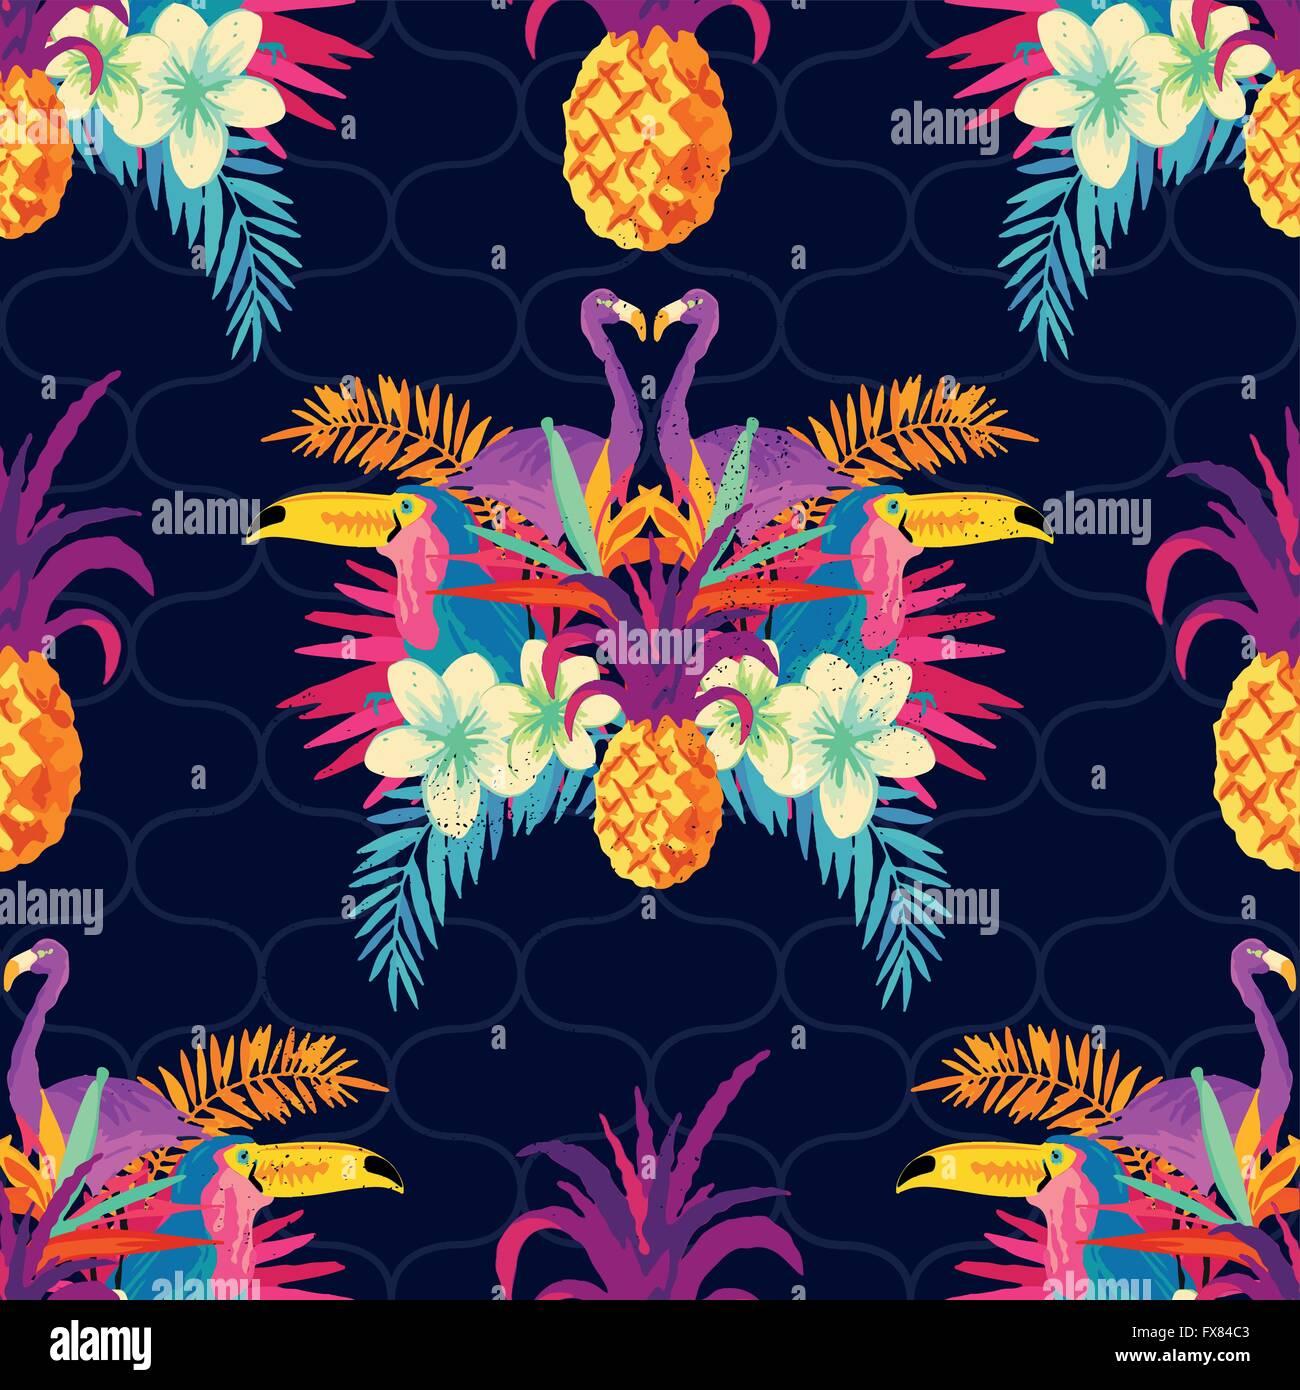 Vivid Tropical Seamless Pattern. Illustrazione Vettoriale. Immagini Stock